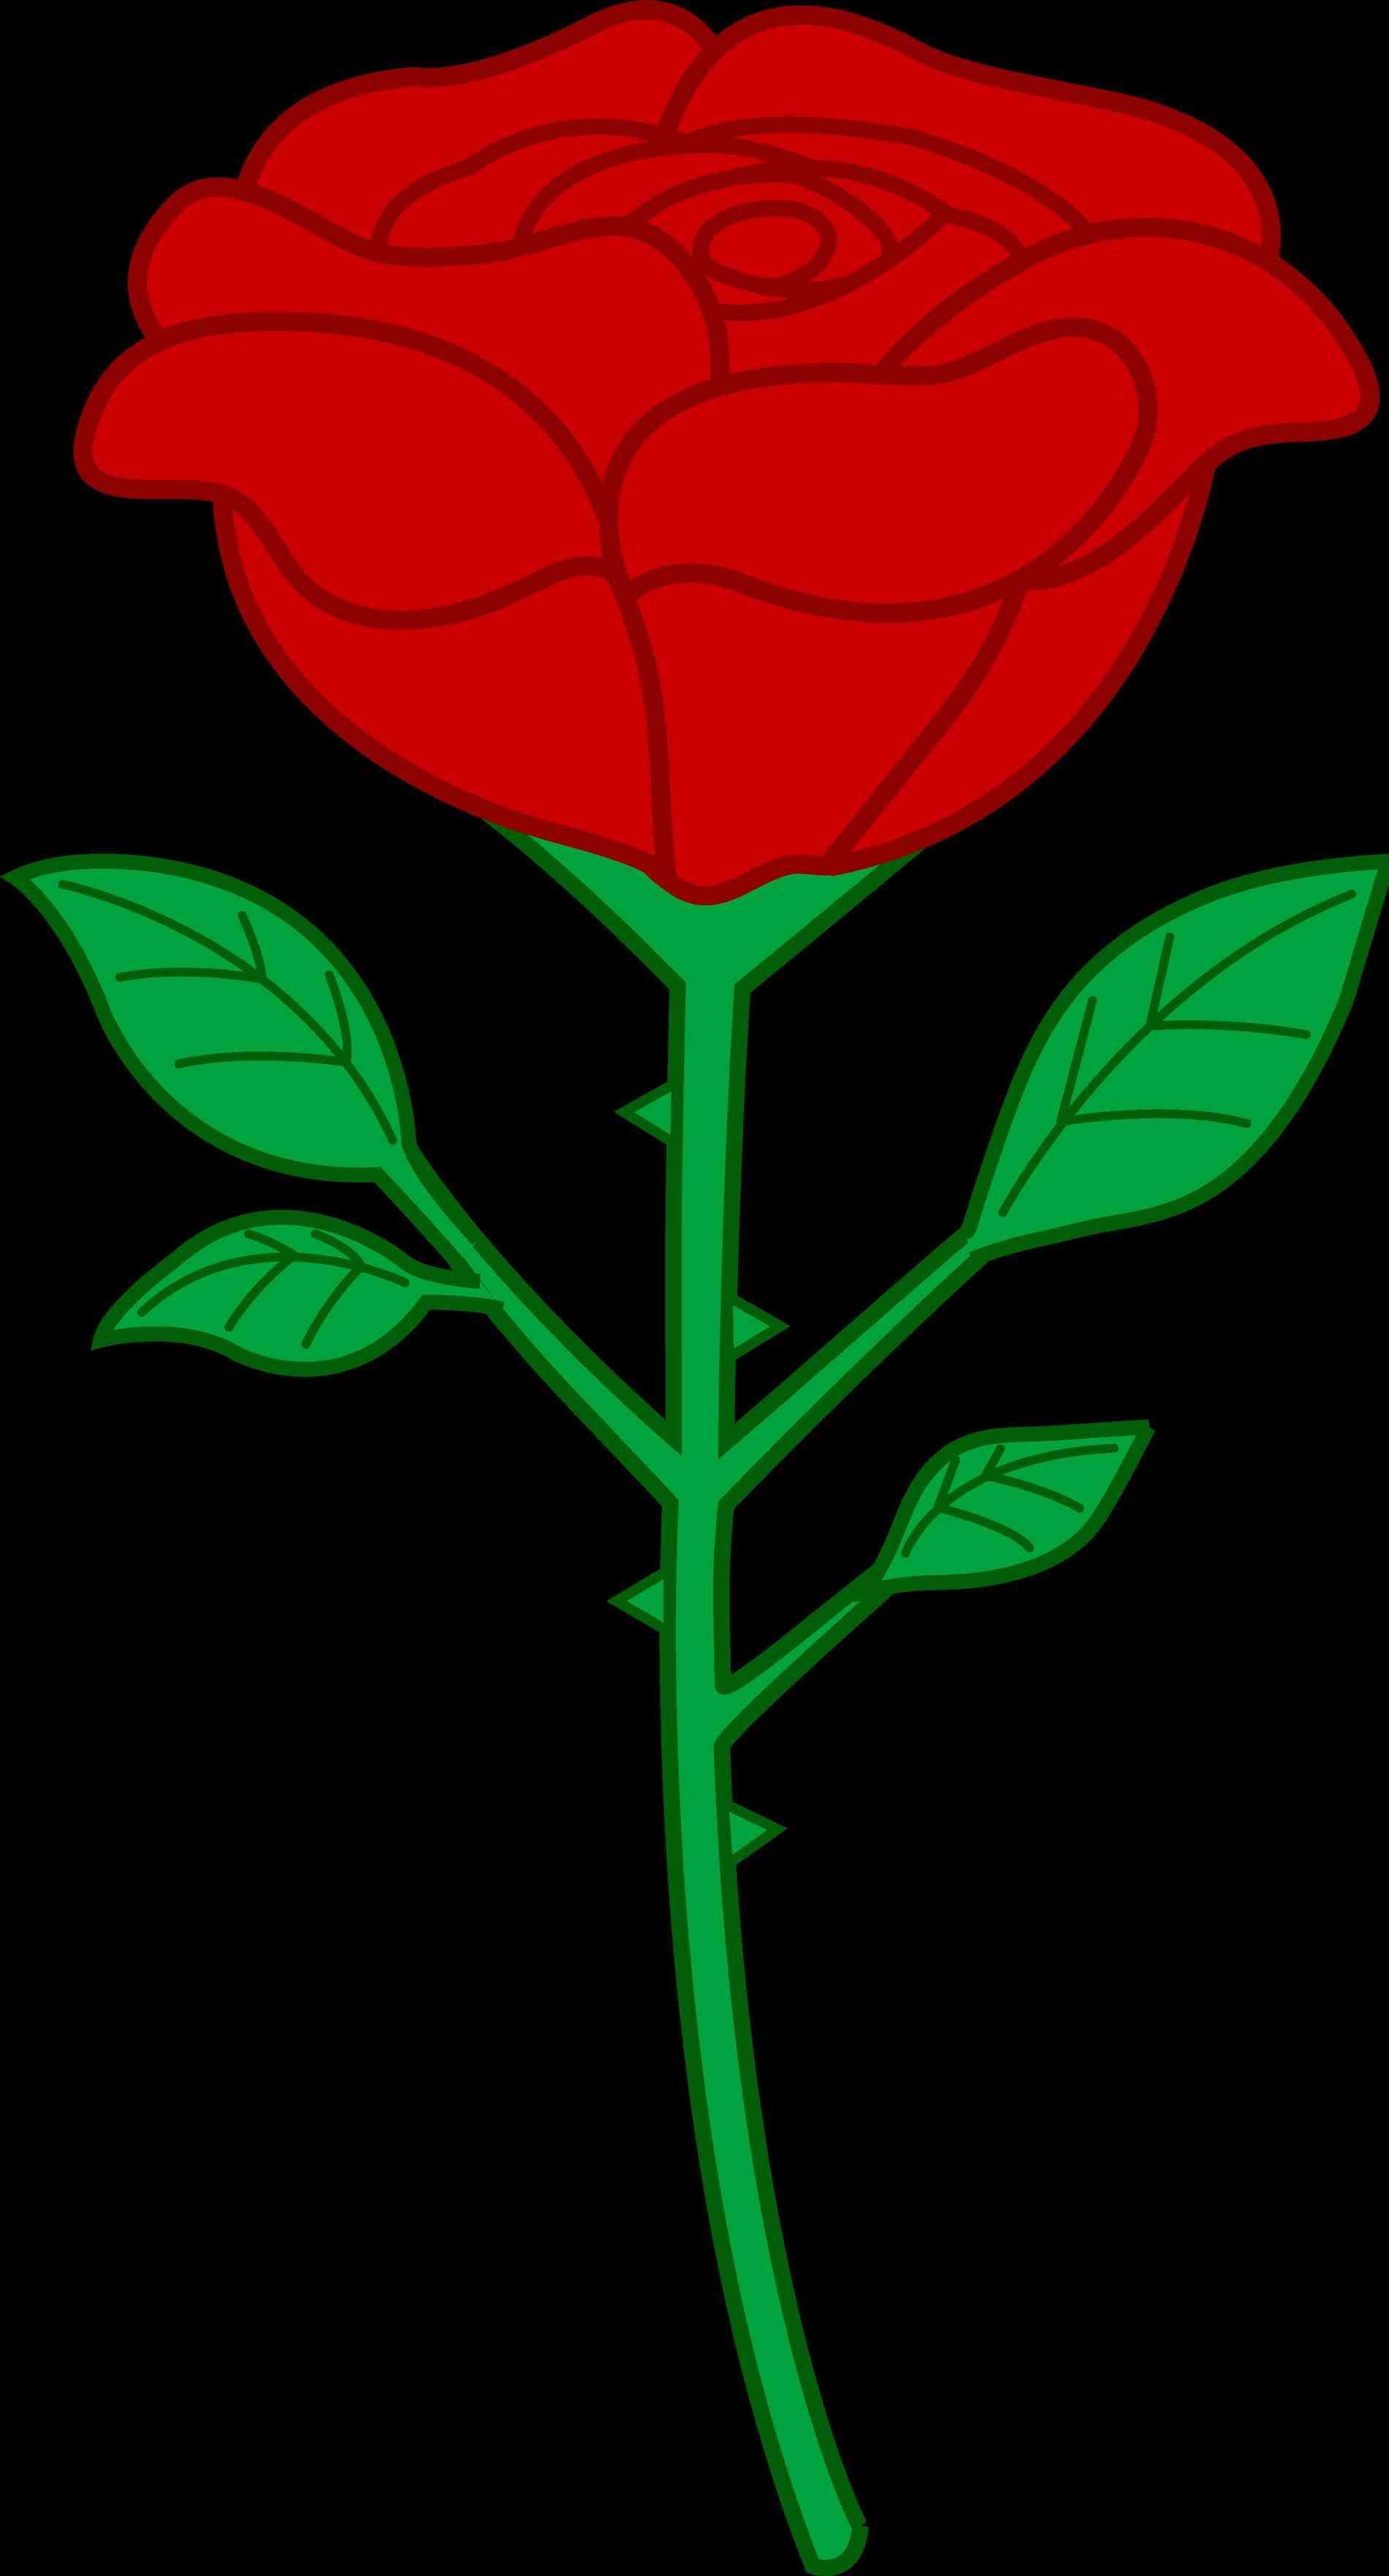 1899x3521 Knumathise Rose Clip Art Outline Images Knumathise Simple Rose